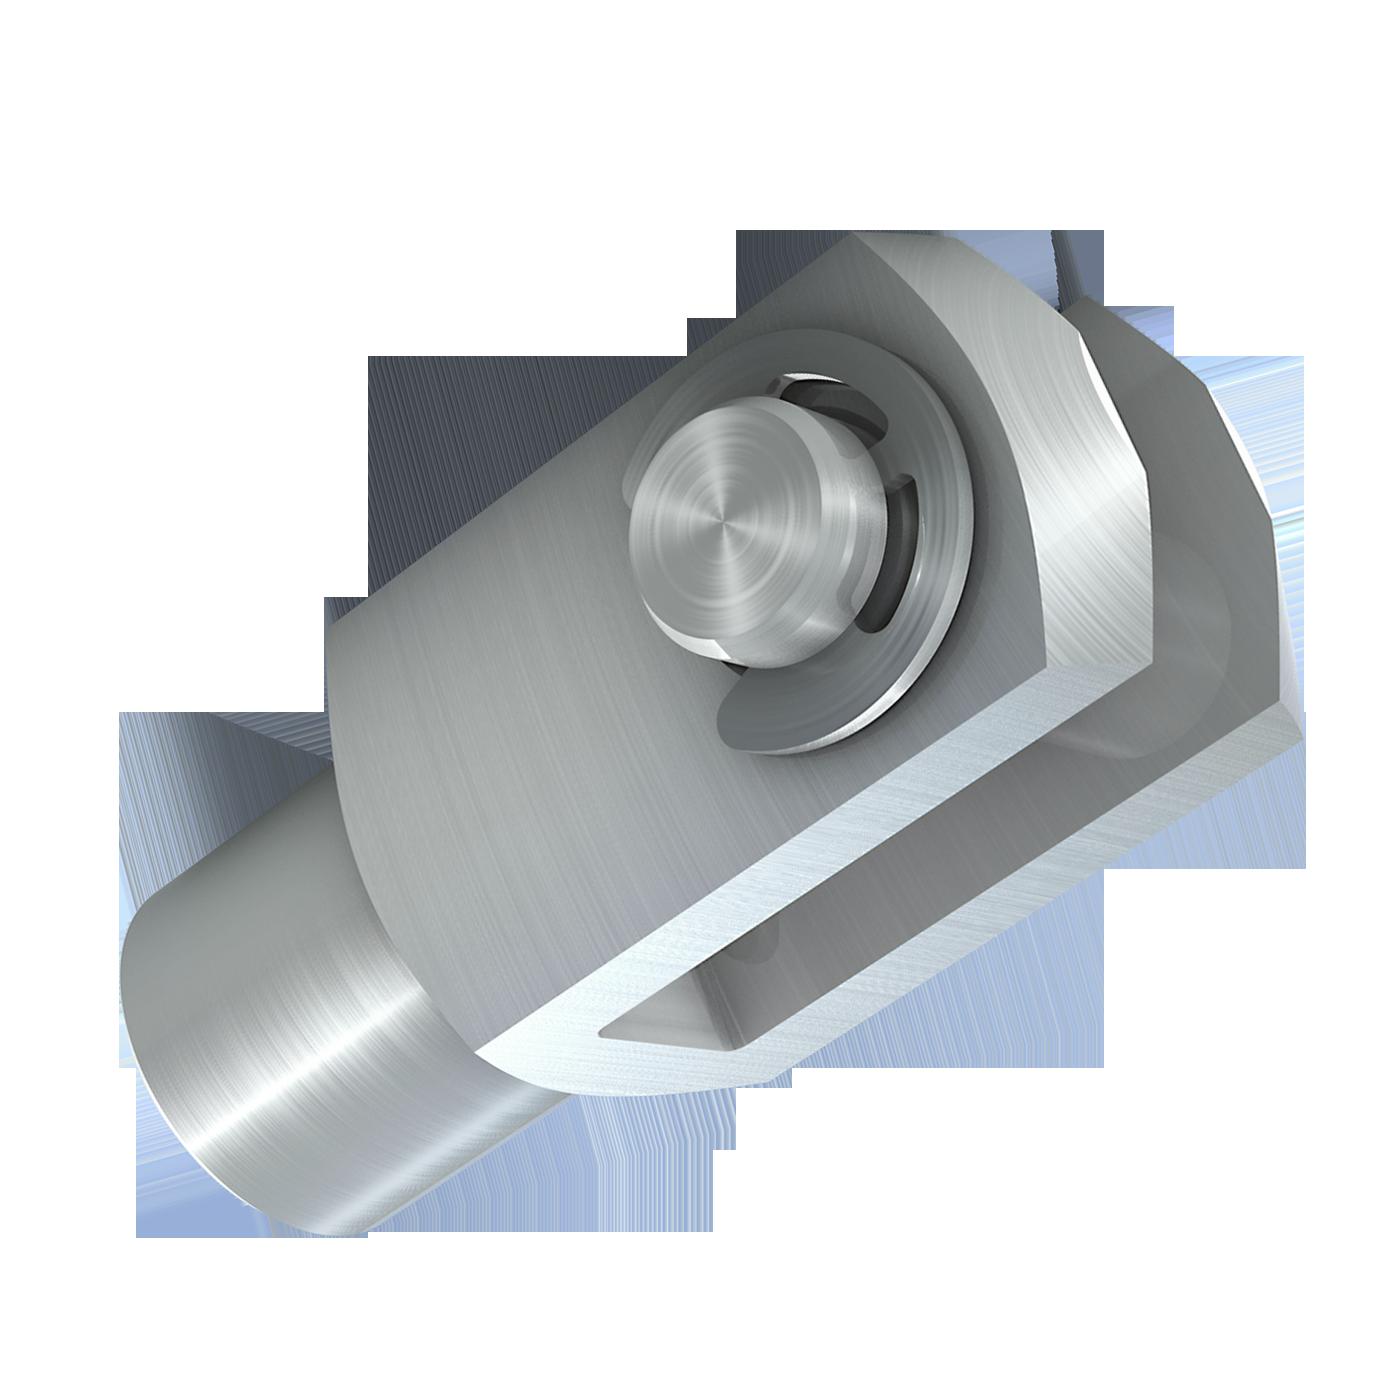 mbo Oßwald ist Hersteller von Gabelgelenk, Gabelgelenken mbo-Norm ABS, montiert, bestehend aus Gabelkopf, Gabelköpfe, Gabelkoepfe, nach DIN 71752, DIN ISO 8140, CETOP RP102P und Bolzen mit Einstich und Sicherungsscheibe nach DIN 6799. Wir fertigen diese aus Stahl 1.0718 und Edelstahl 1.4305 und A4-Qualität 1.4404.